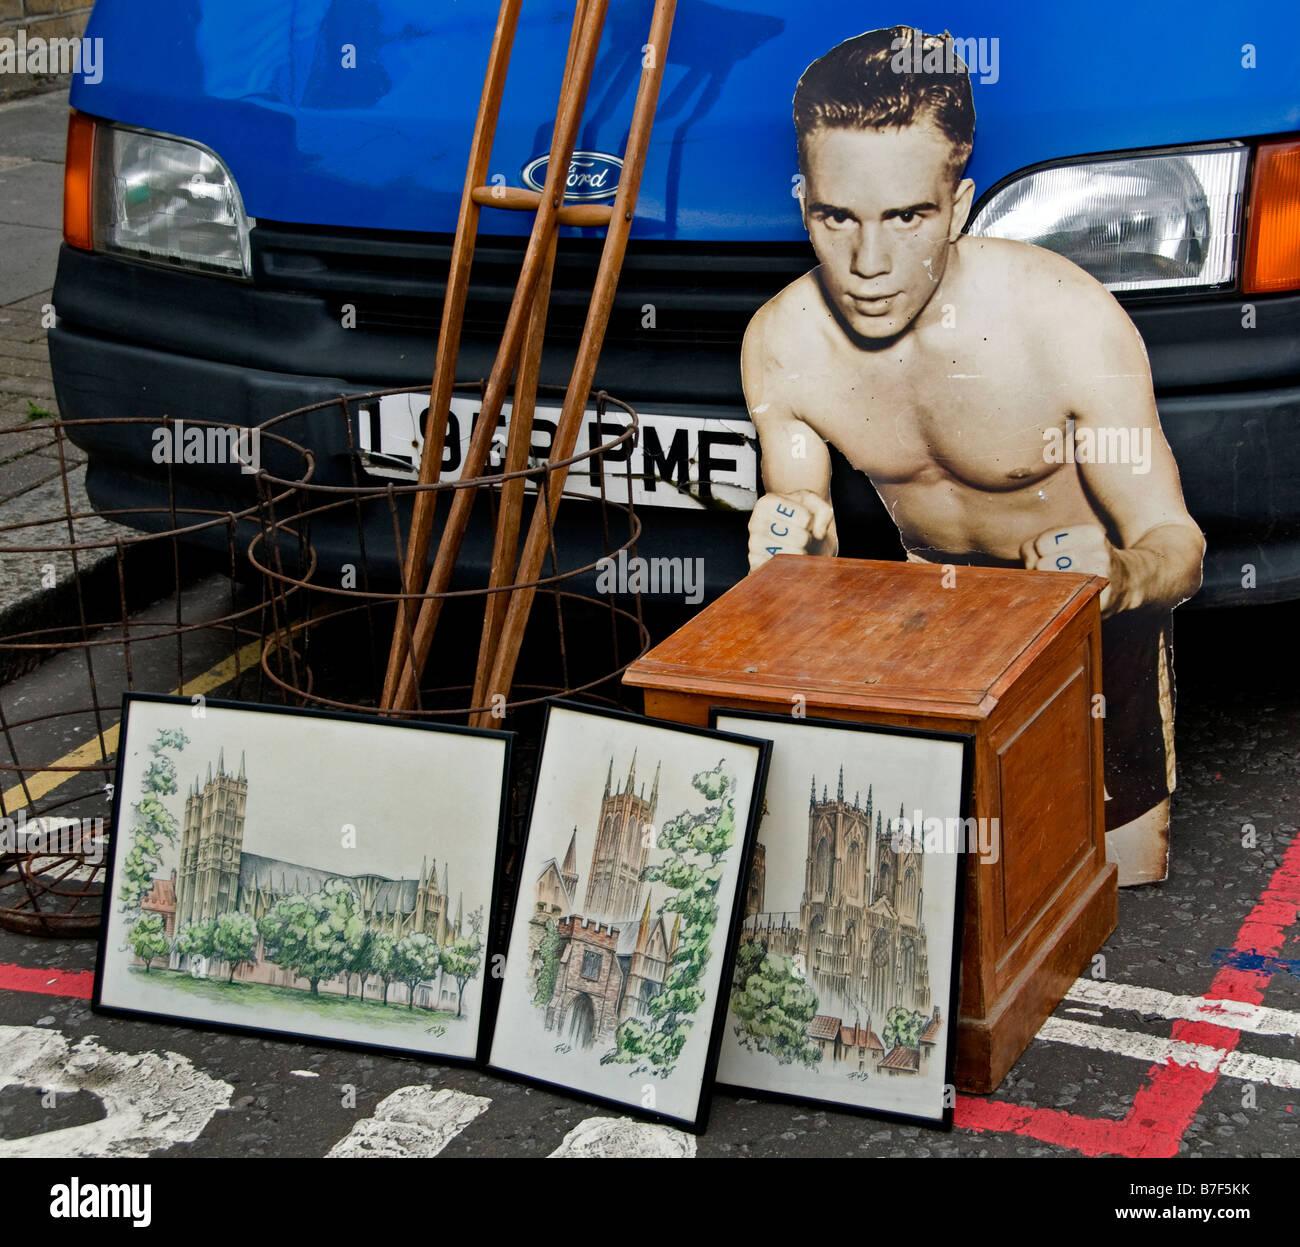 Portobello Road Market Notting Hill boxer boxing - Stock Image